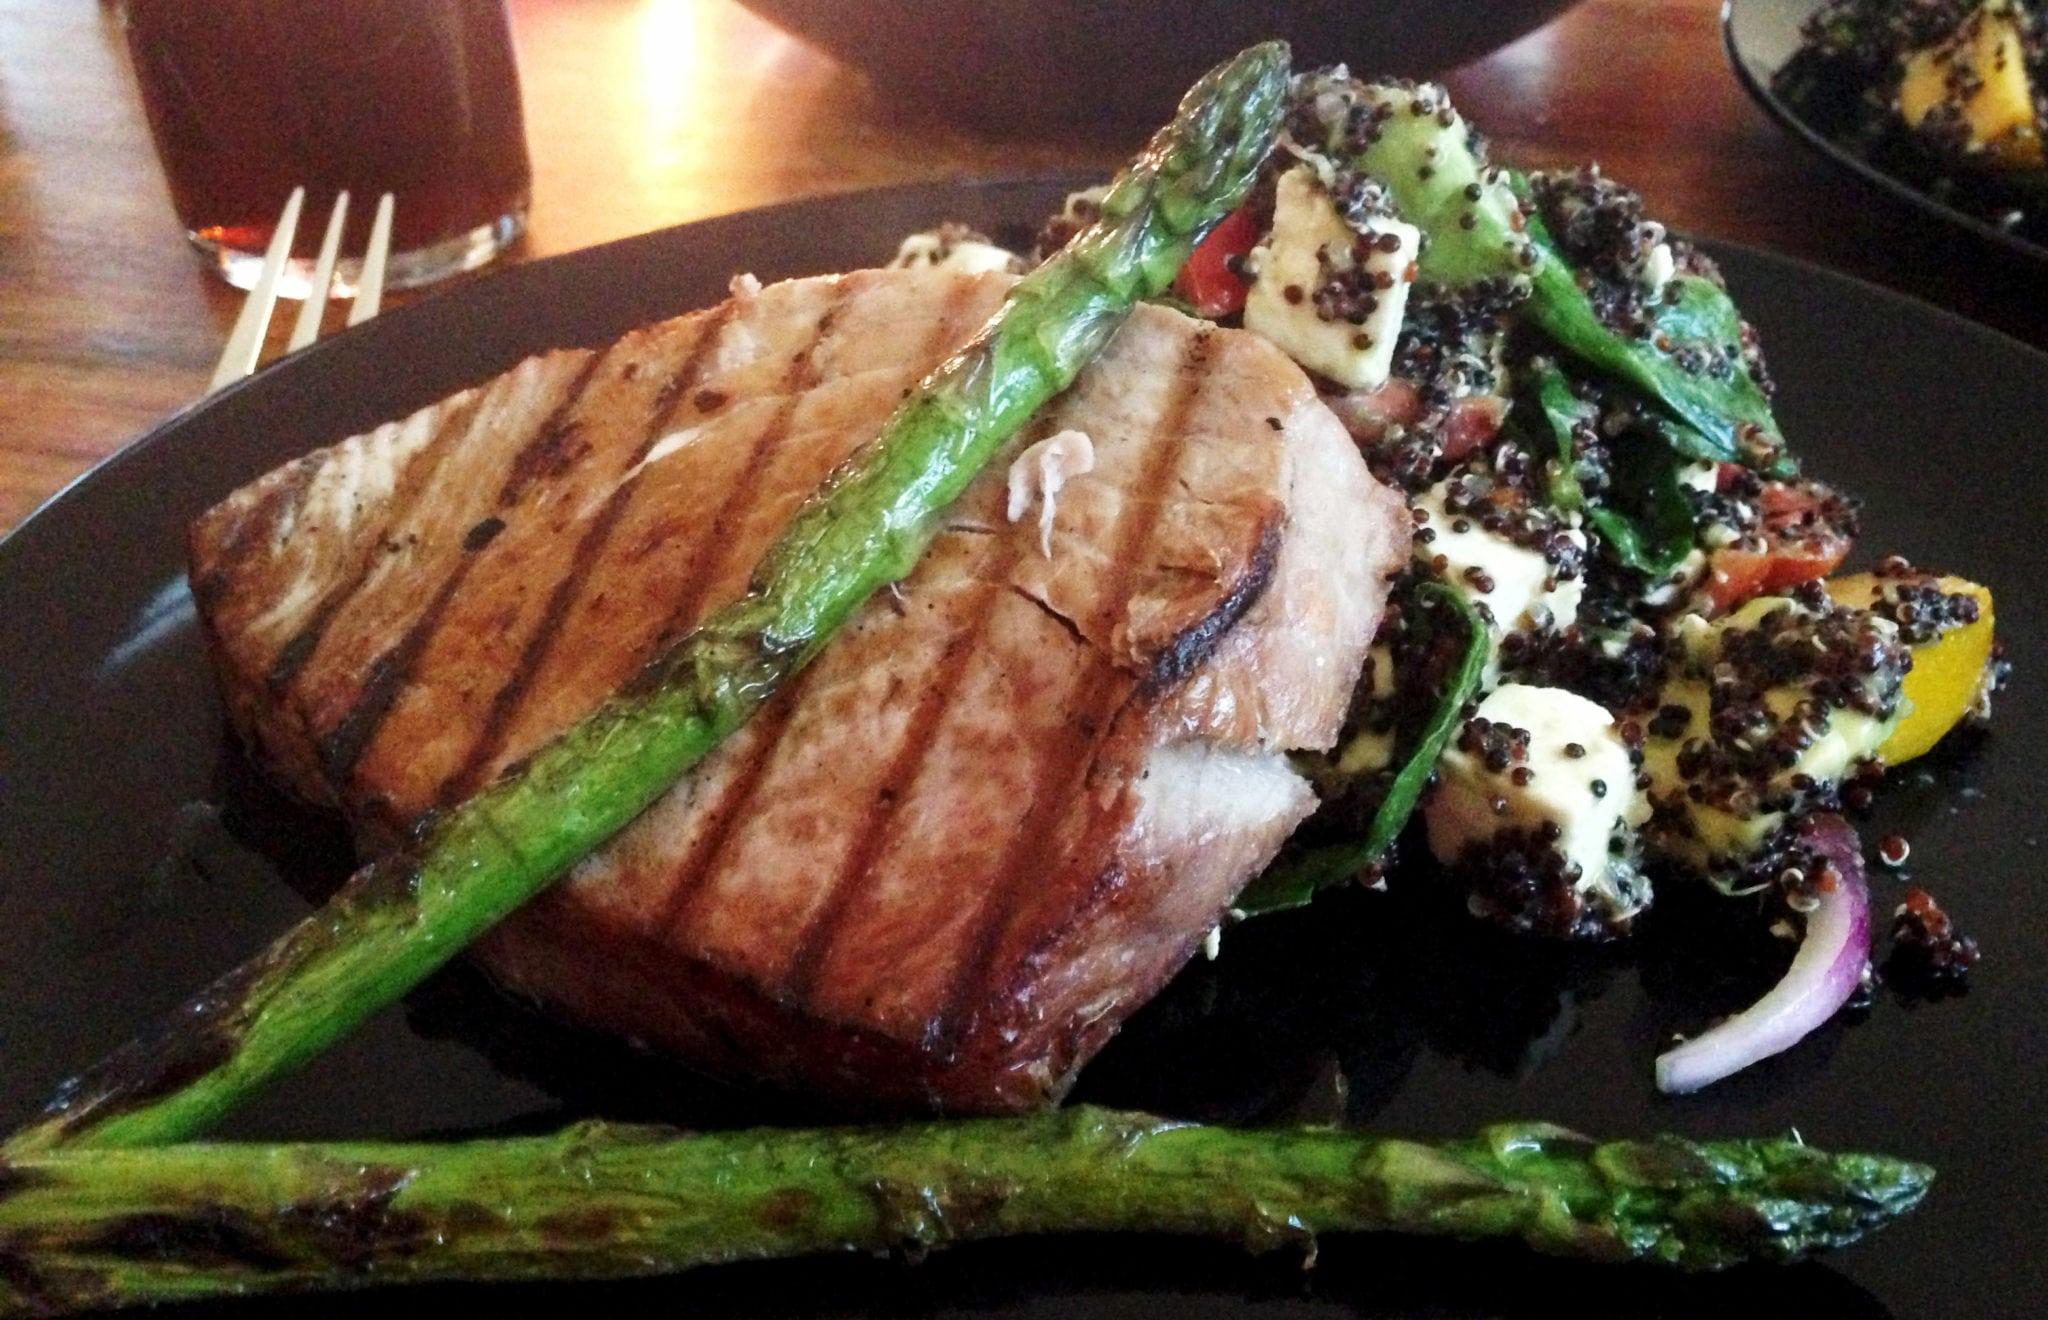 Recepttips: Grillad tonfisk med sval quinoasallad och grillad sparris